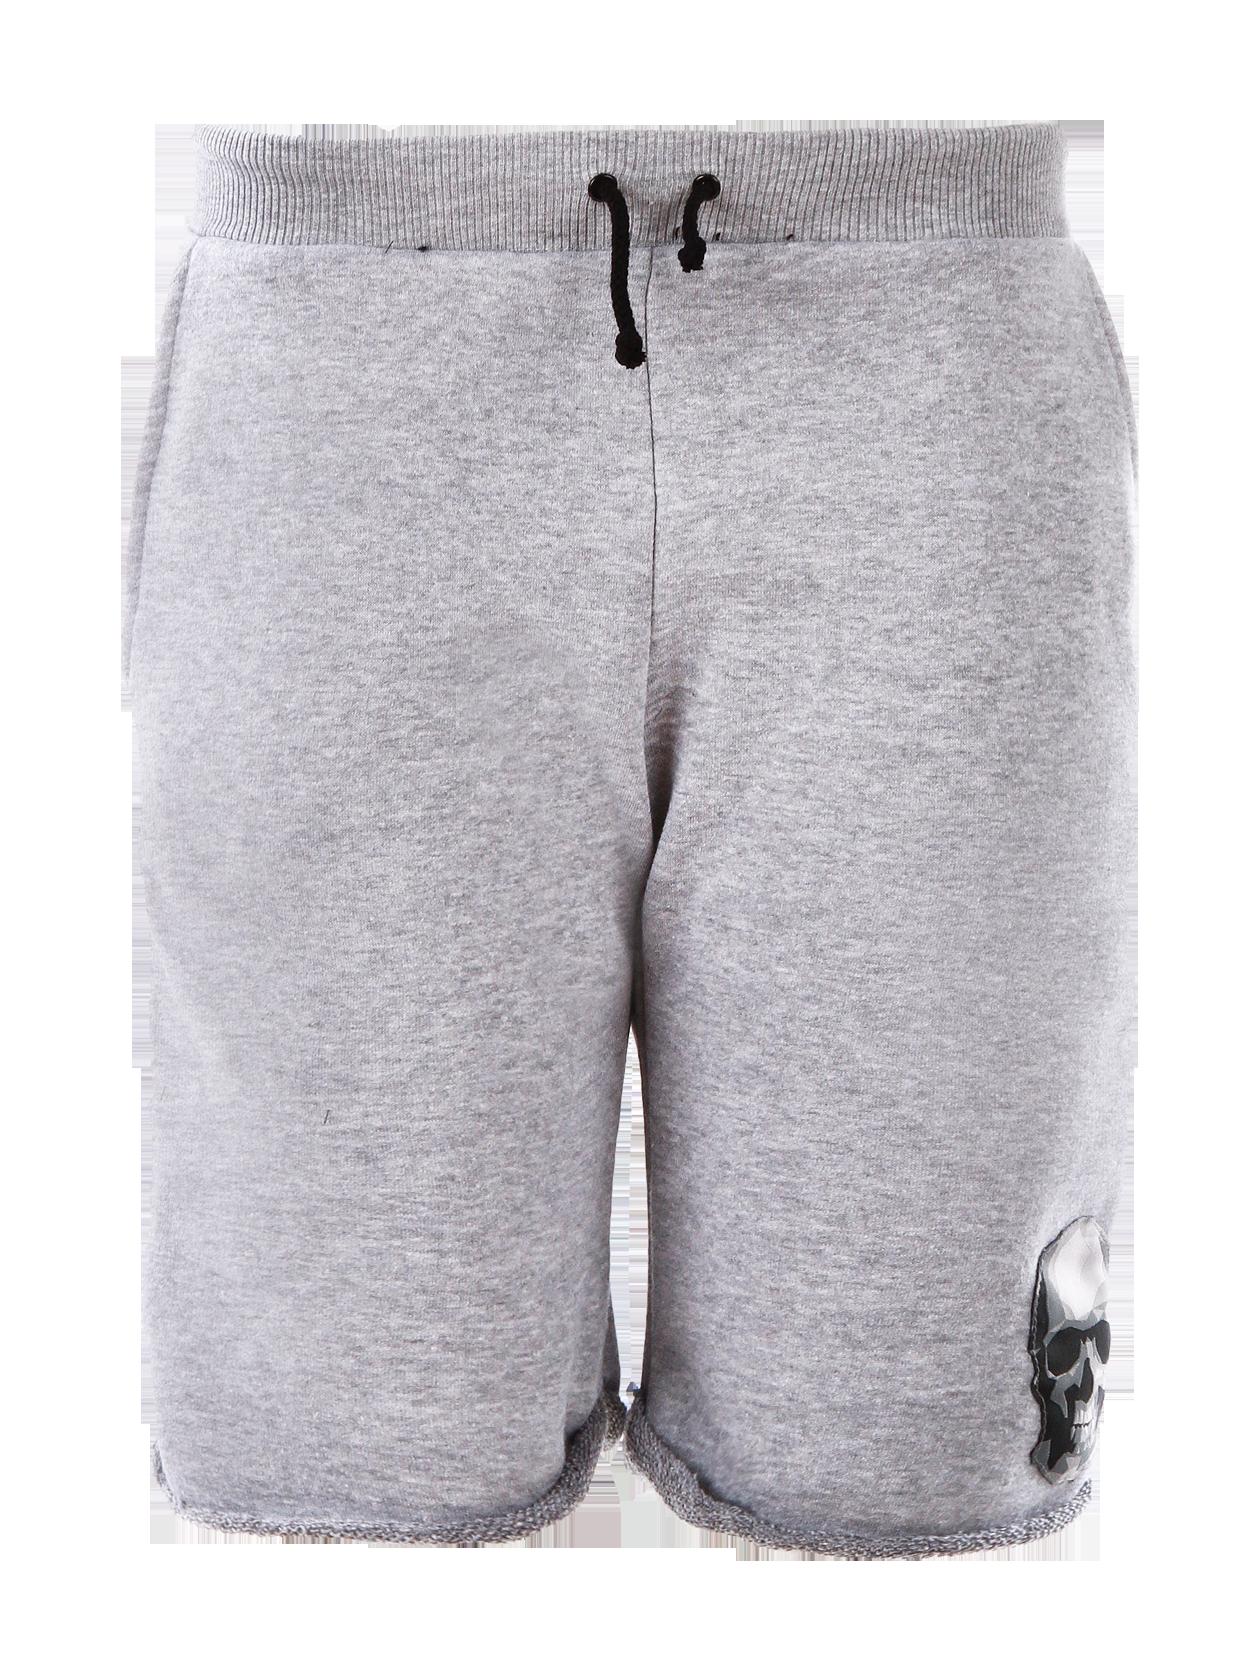 Шорты подростковые SkullШорты подростковые из новой коллекции Black Star Wear. Модель длиной до колена обладает прямым свободным силуэтом с необработанным краем и не стесняет движений. Выполнена из высококлассного хлопкового материала, дополнена боковыми карманами, широким поясом на завязках. На левой штанине нашивка череп. Прекрасно сочетается с футболками, толстовками и свитшотами.<br><br>Размер: 12-14 years<br>Цвет: Серый<br>Пол: Унисекс